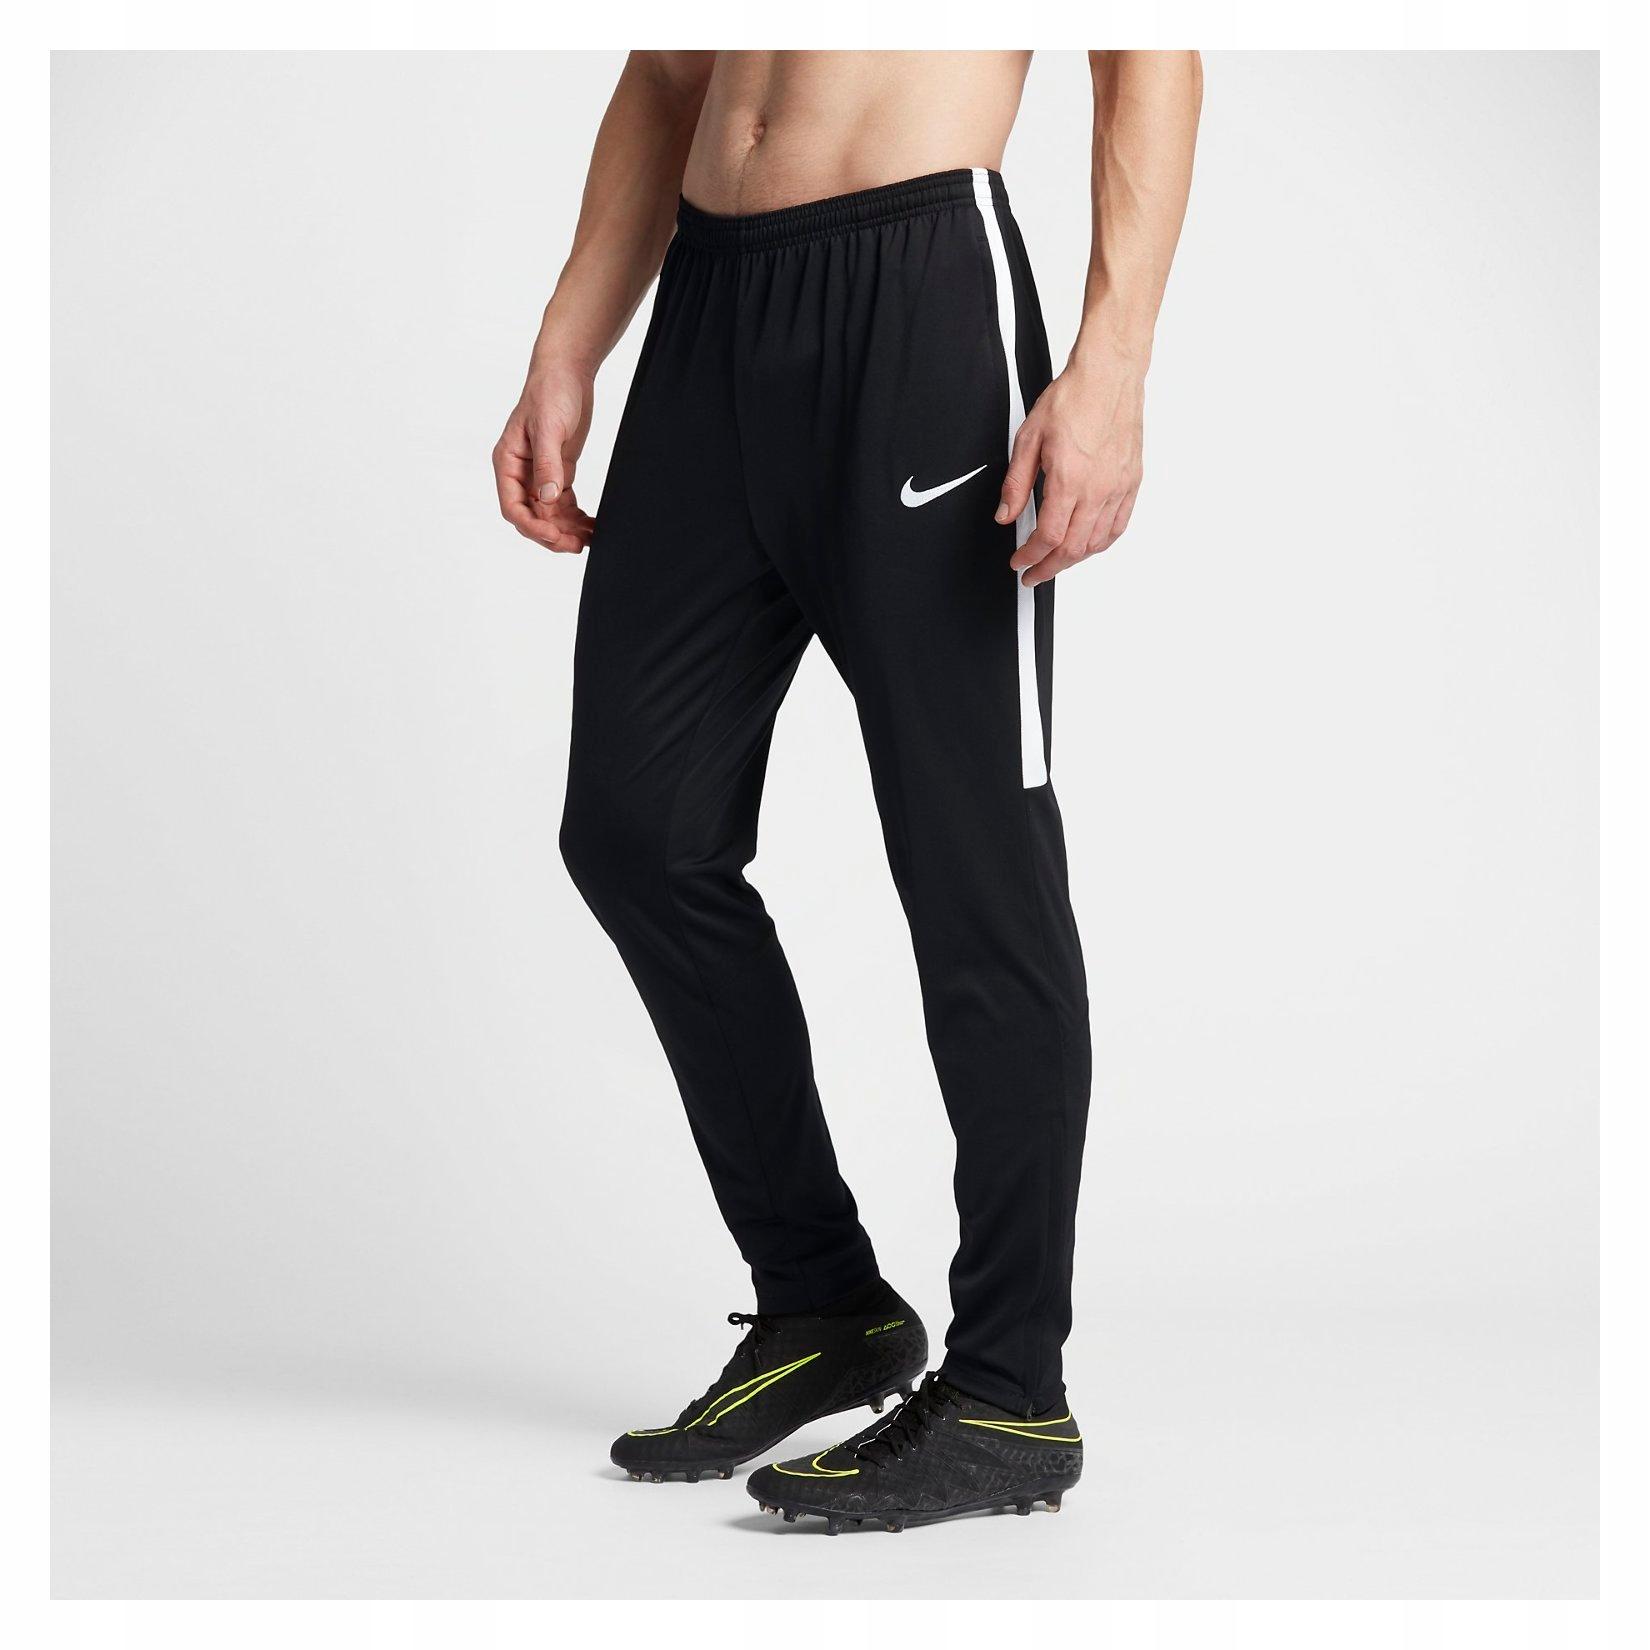 Nike Academy Track spodnie dresowe 844327-010 L